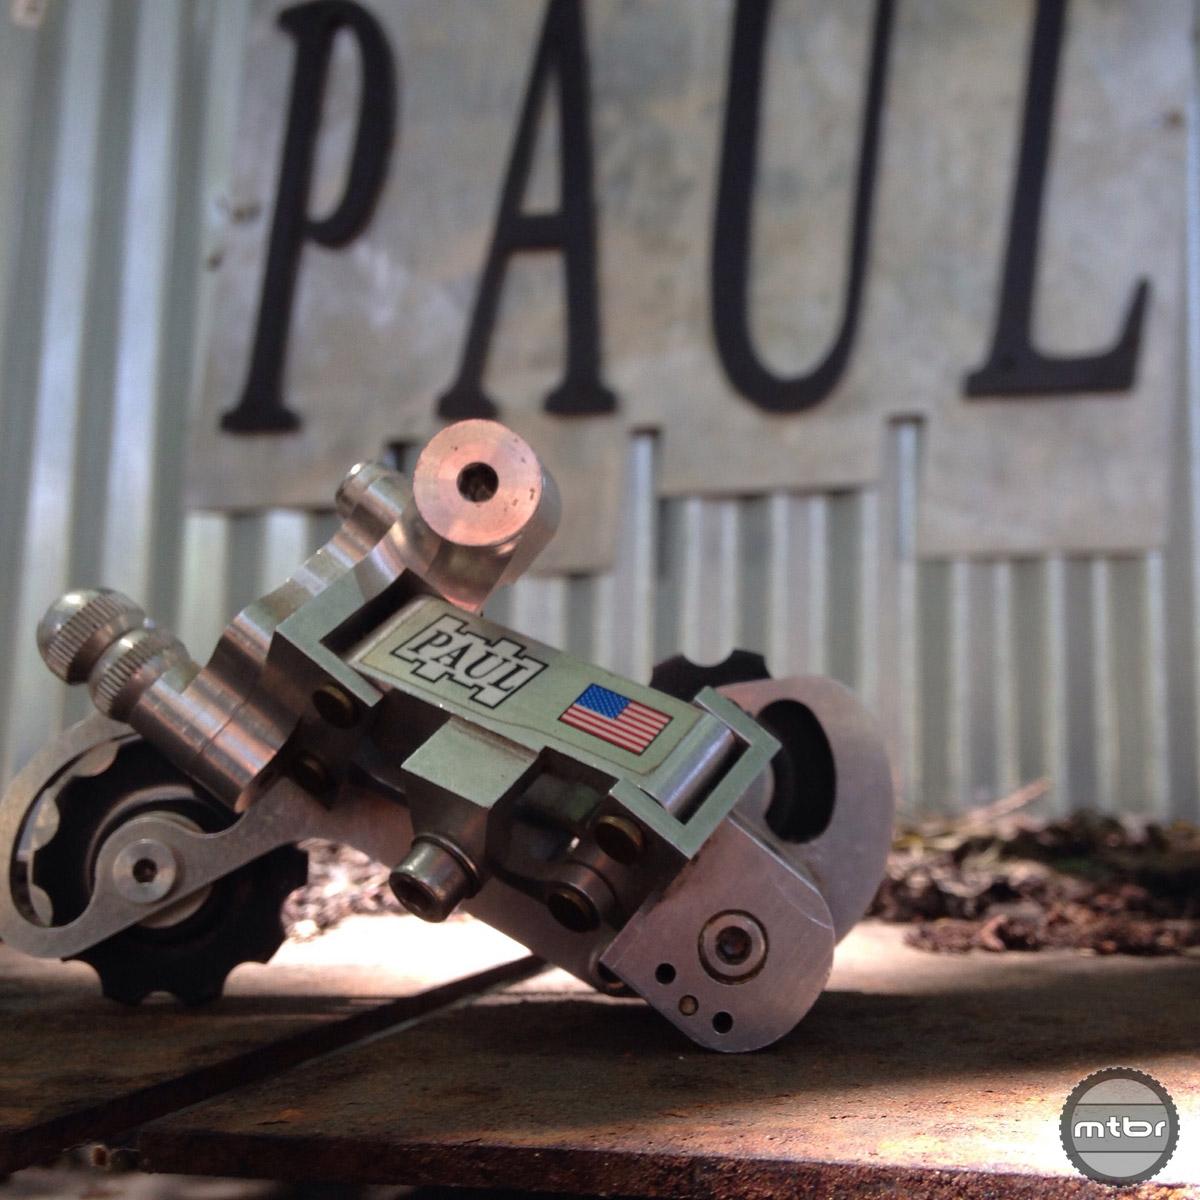 An original Paul derailleur can still fetch north of $1,000 on eBay.